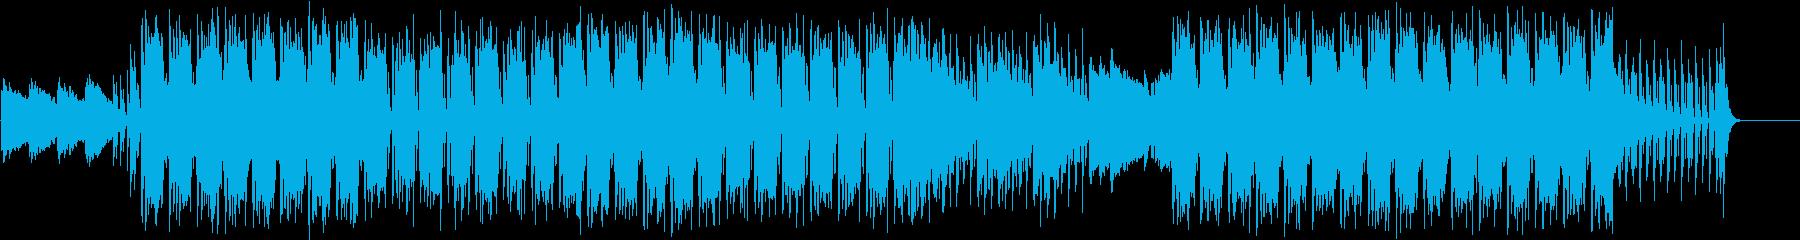 ネオソウル、ファンク、おしゃれ、サックスの再生済みの波形